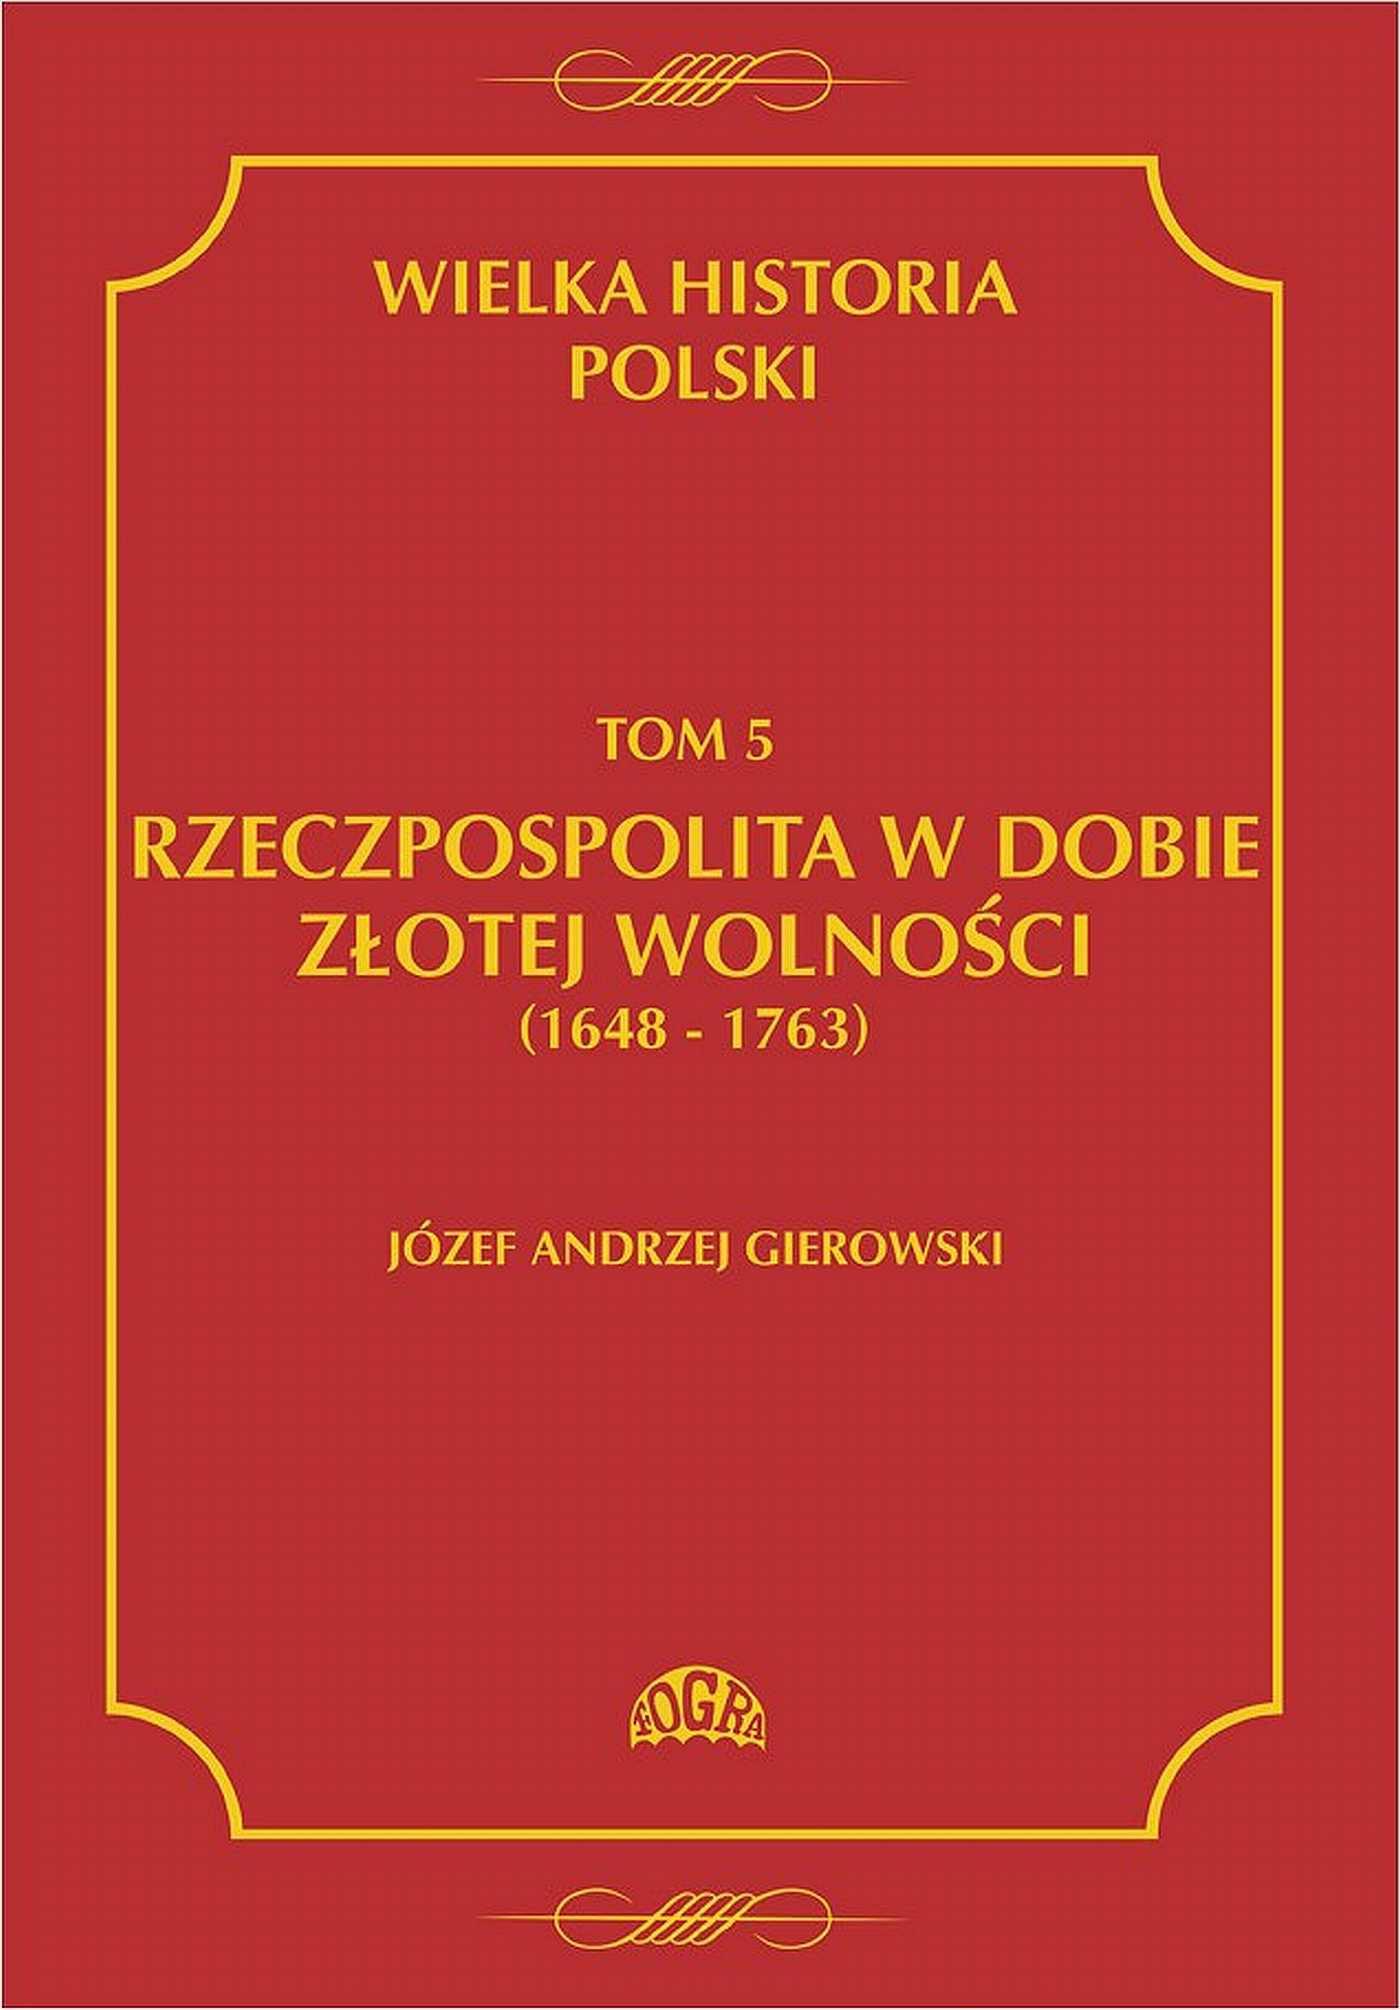 Wielka historia Polski Tom 5 Rzeczpospolita w dobie złotej wolności (1648-1763) - Ebook (Książka PDF) do pobrania w formacie PDF